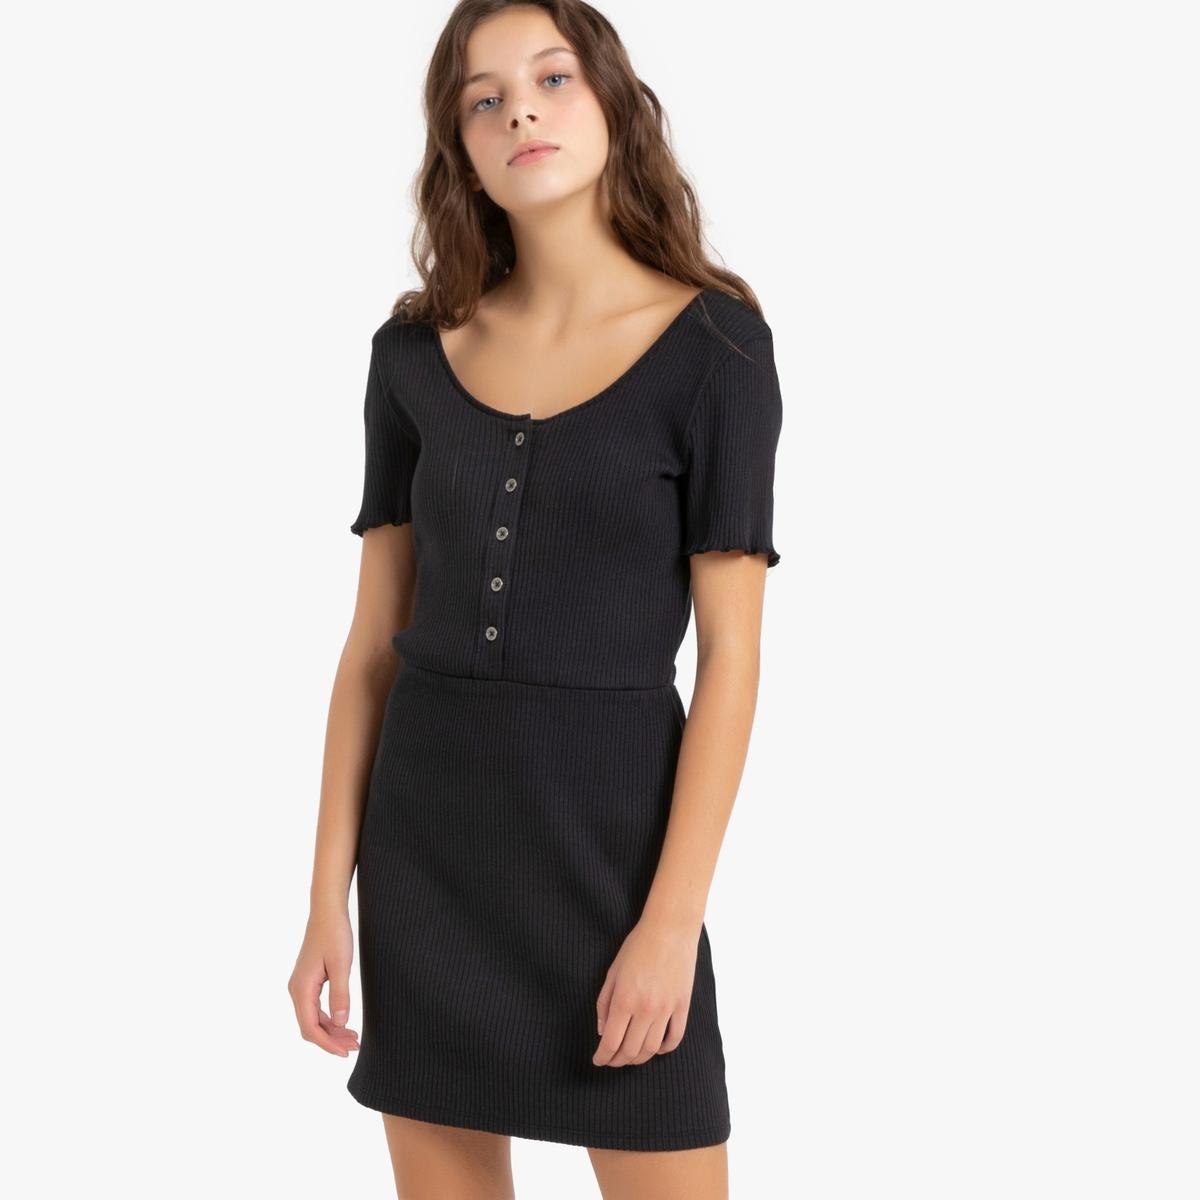 Платье La Redoute Приталенное с короткими рукавами 10 лет - 138 см черный